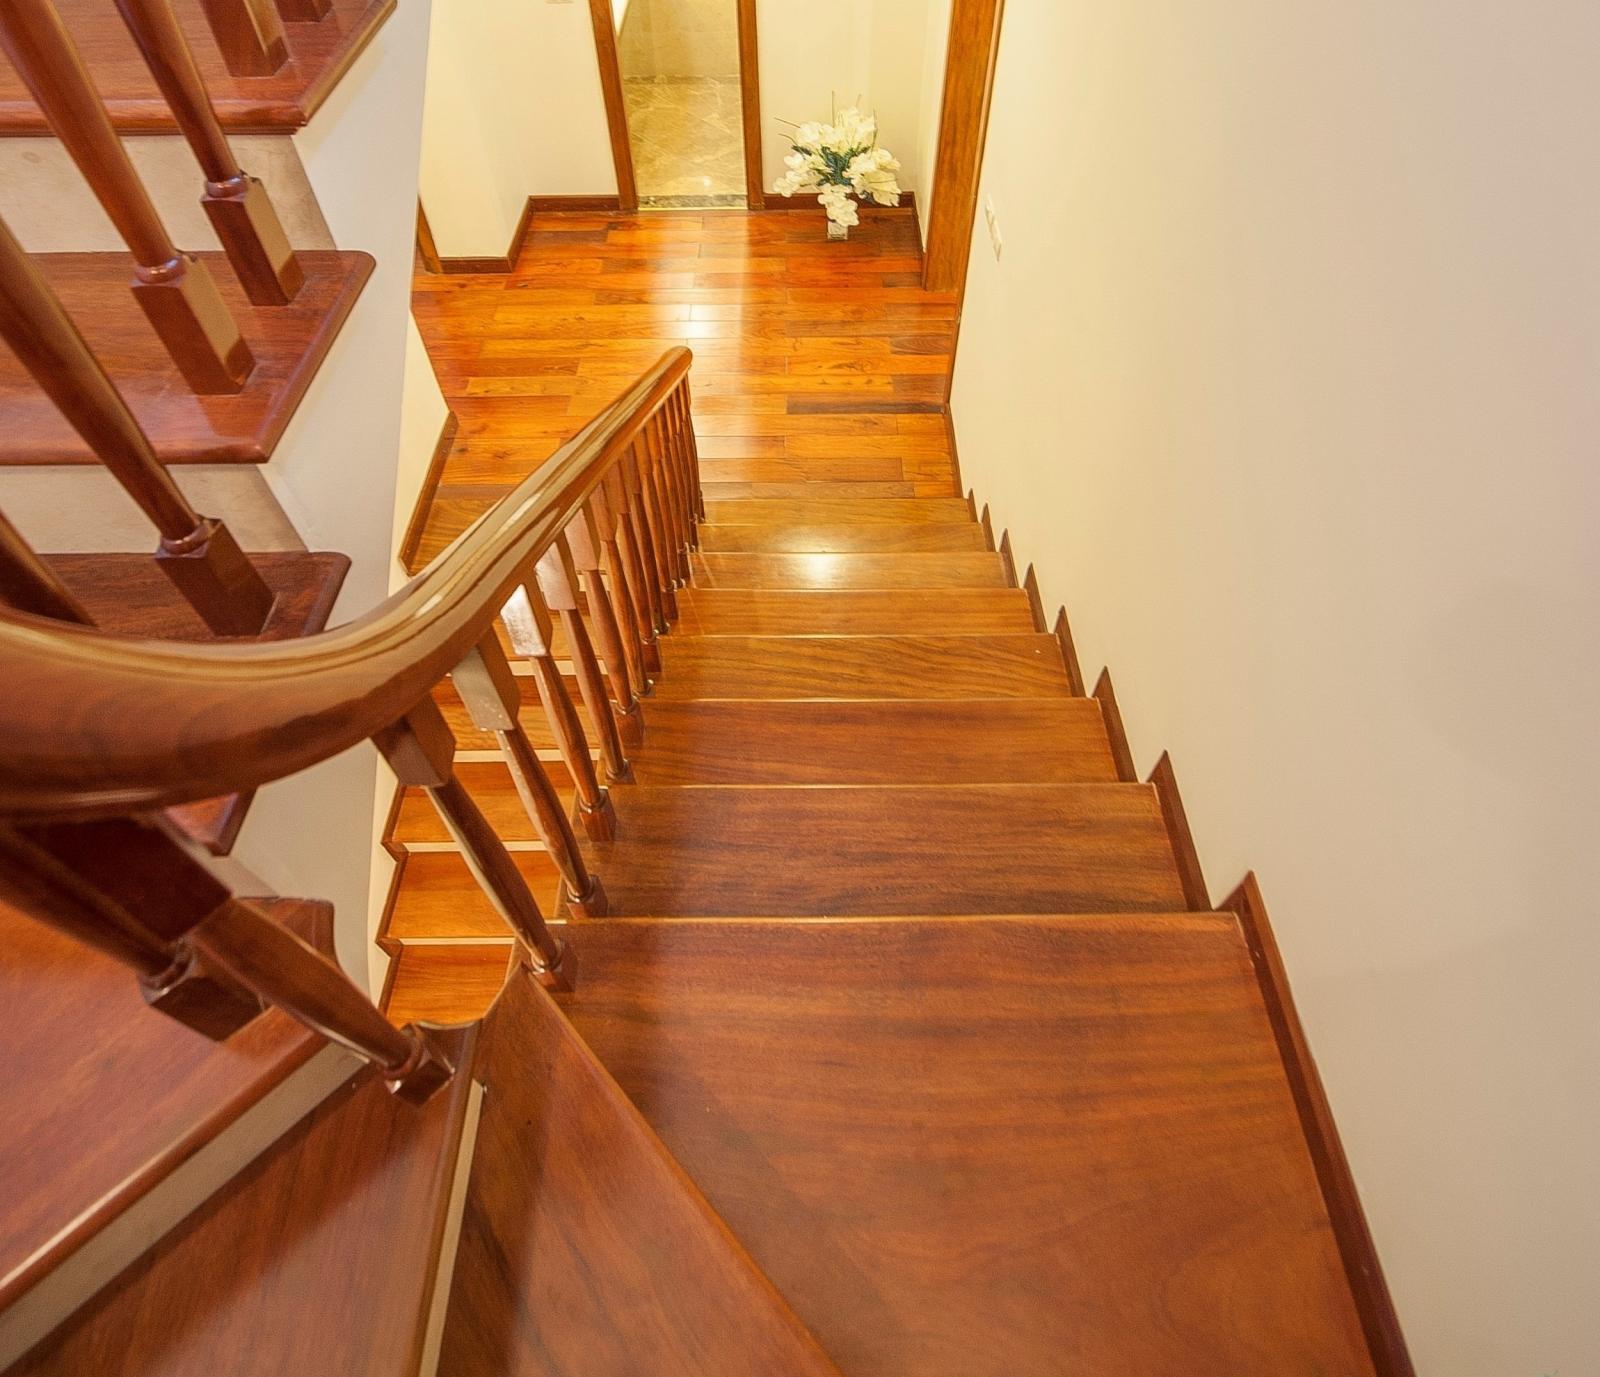 Độ rộng của mặt bậc thang không cần quá lớn